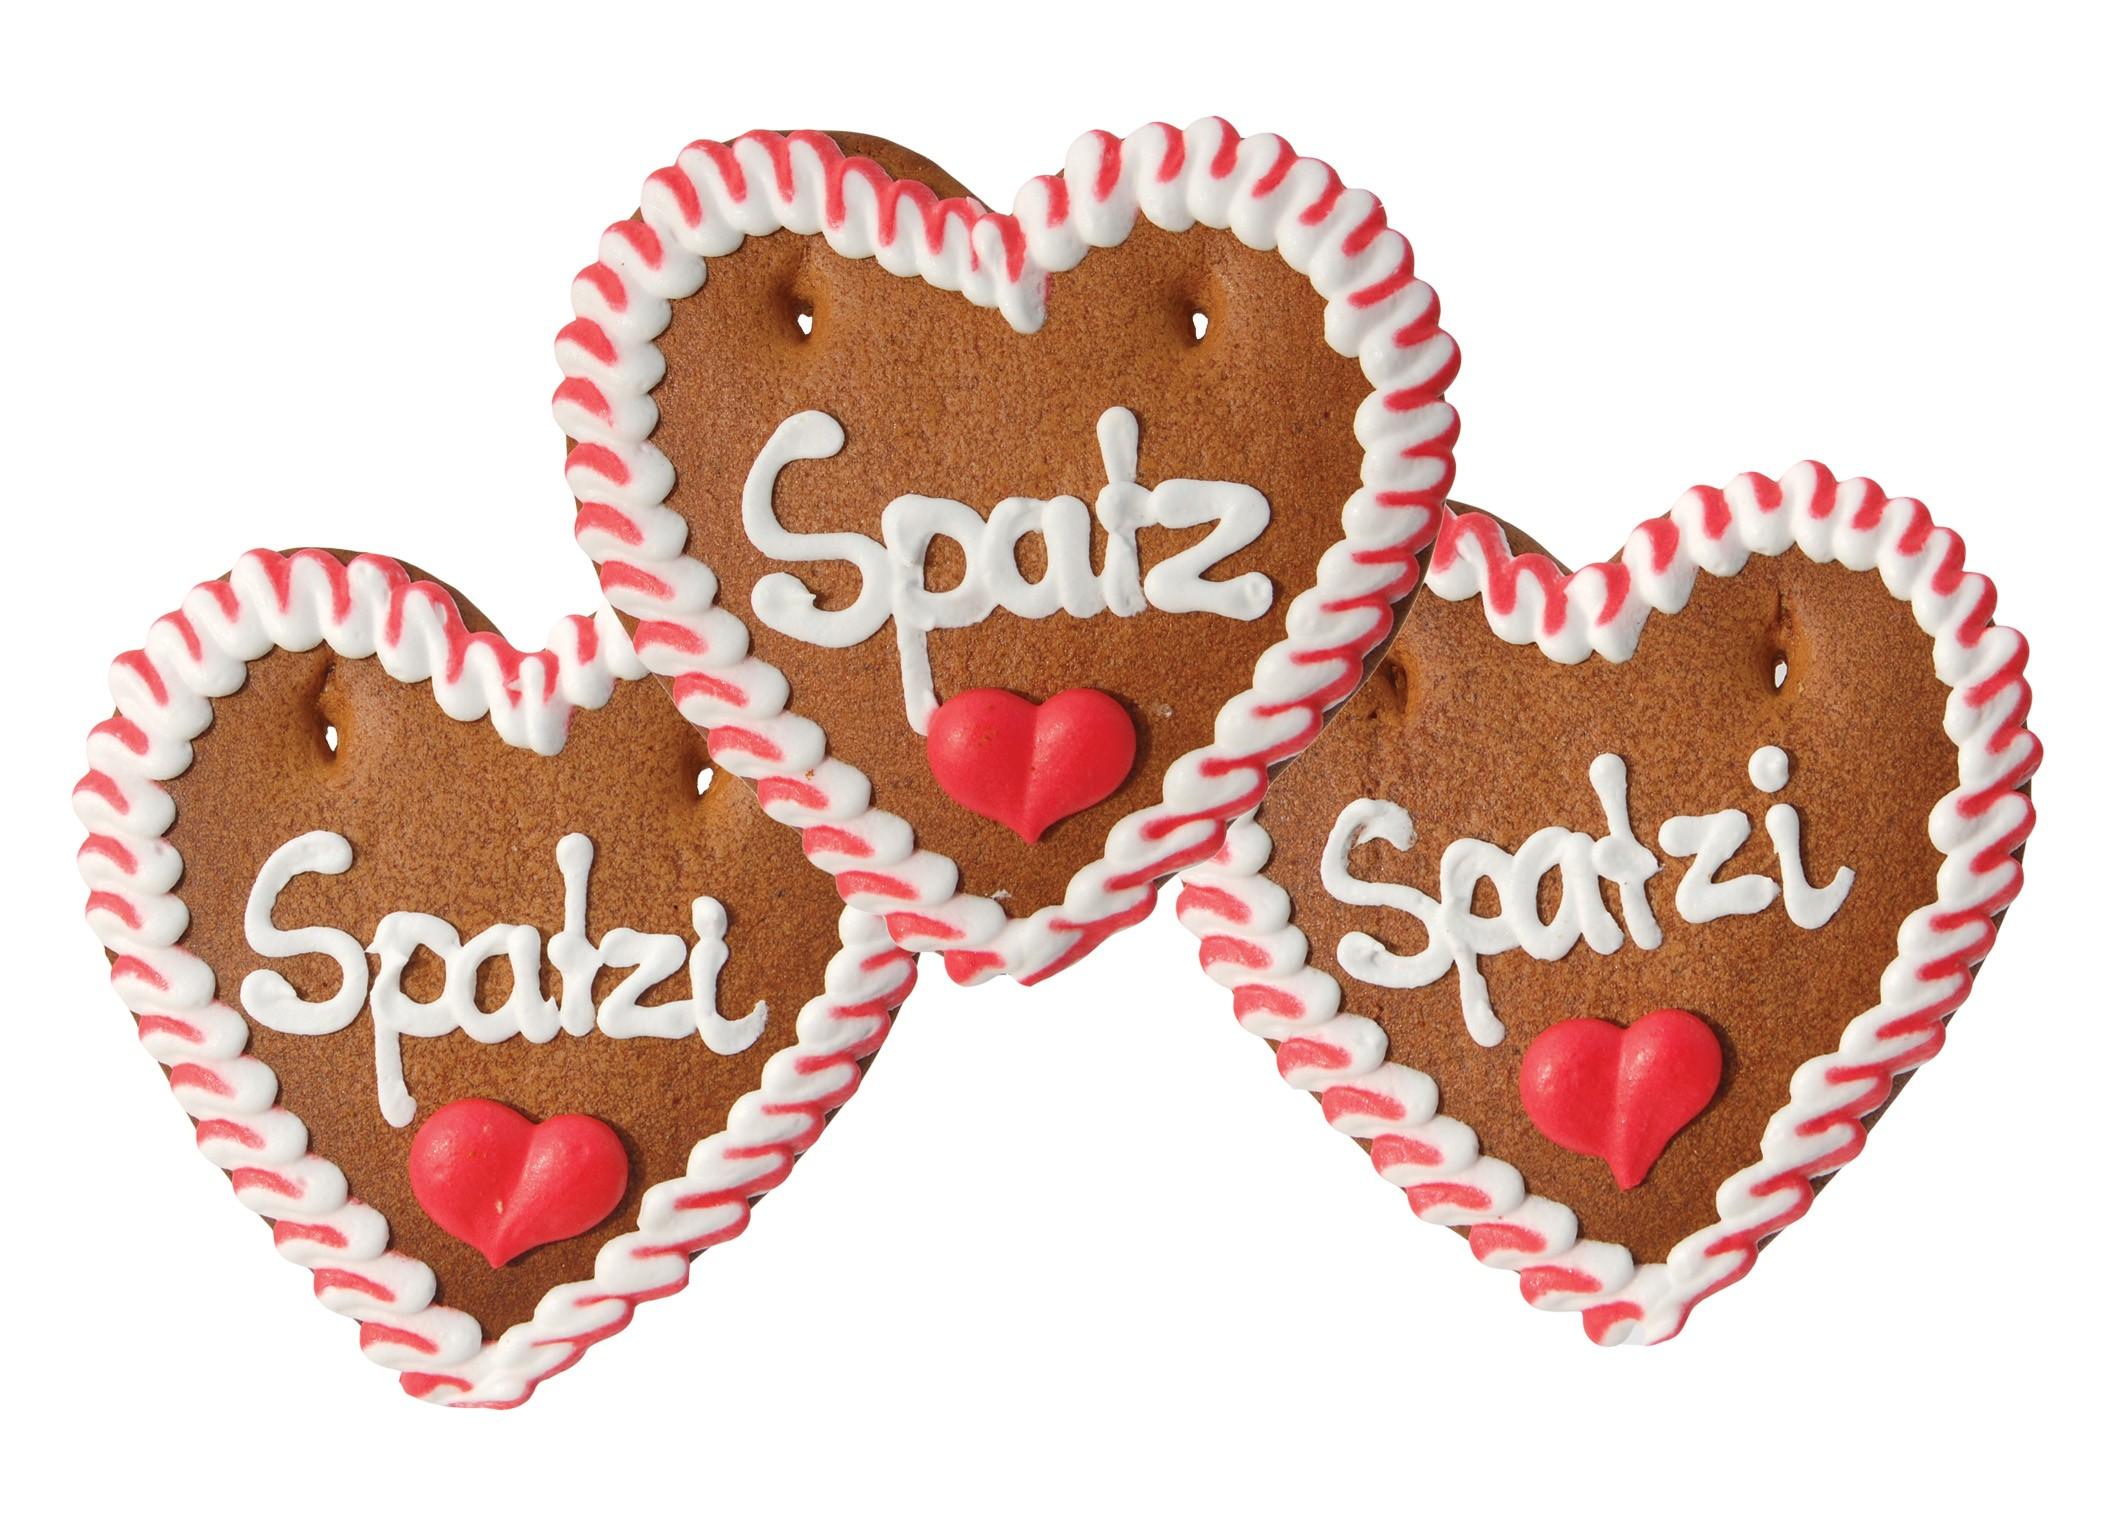 Lebkuchenherz Spatz/Spatzi